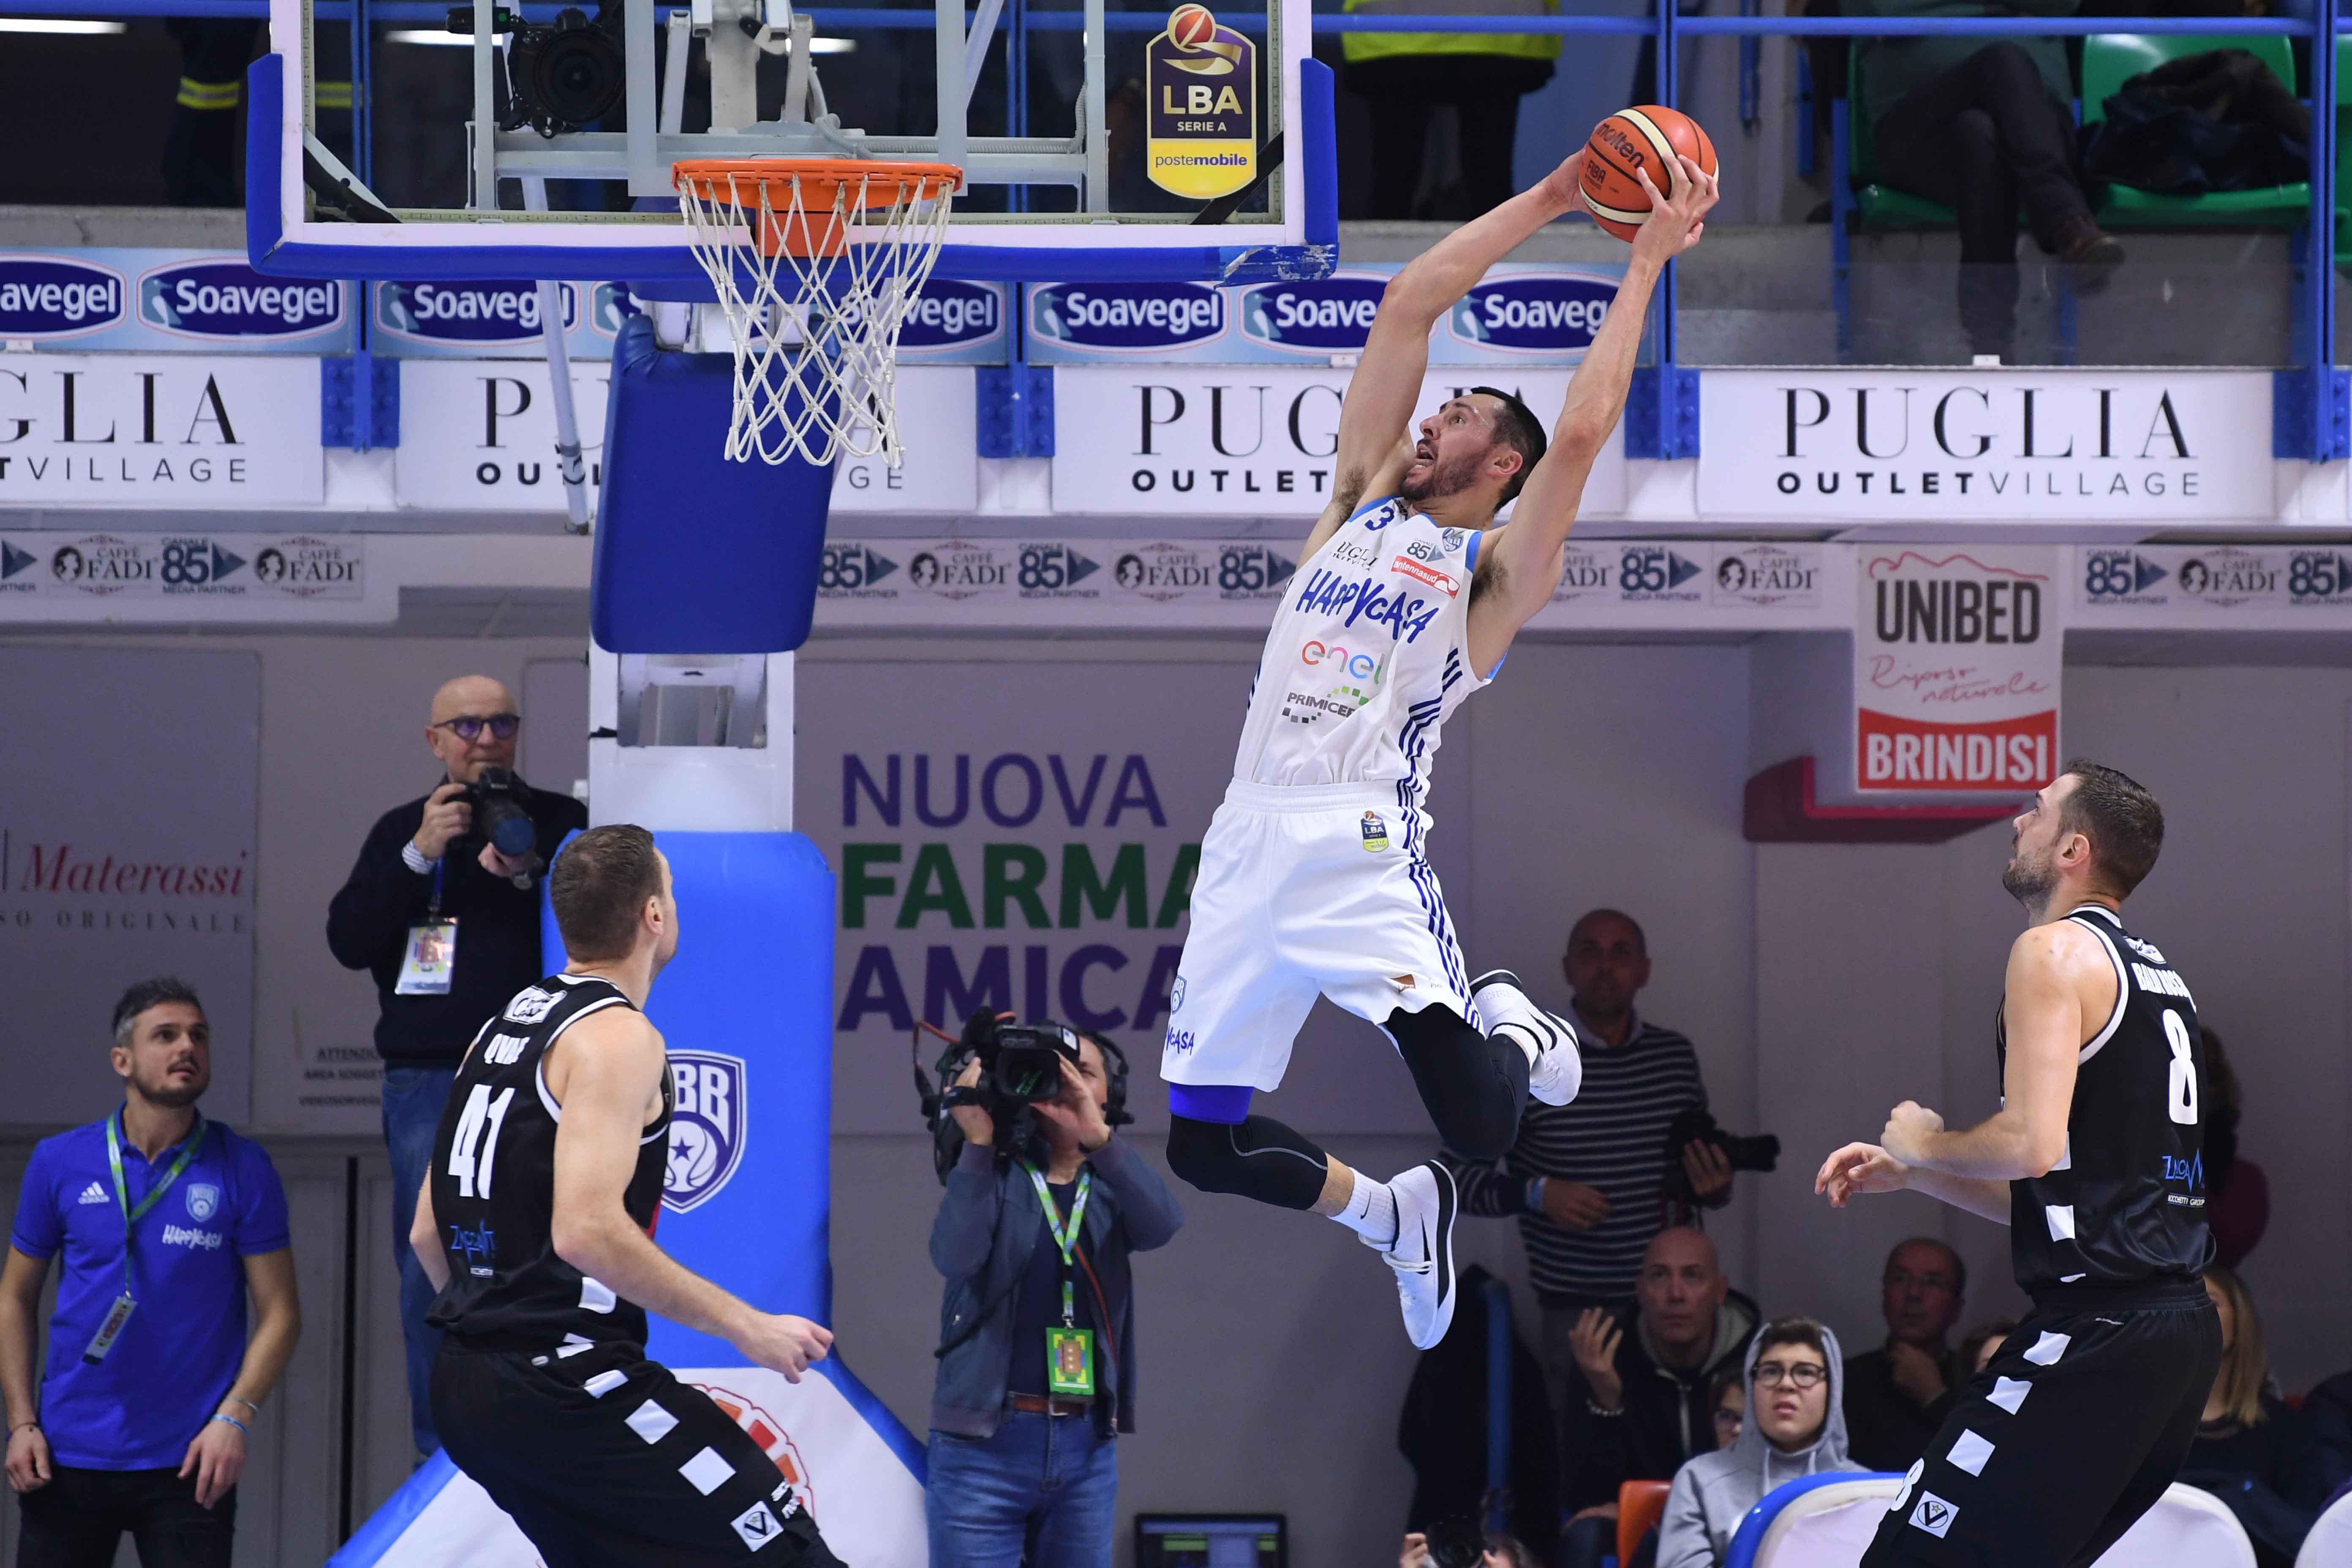 Tony Gaffney Happy Casa New Basket Brindisi - Segafredo Virtus Bologna Legabasket Serie A 2018/2019 Brindisi, 22/12/2018 Foto M.Ceretti / Ciamillo-Castoria